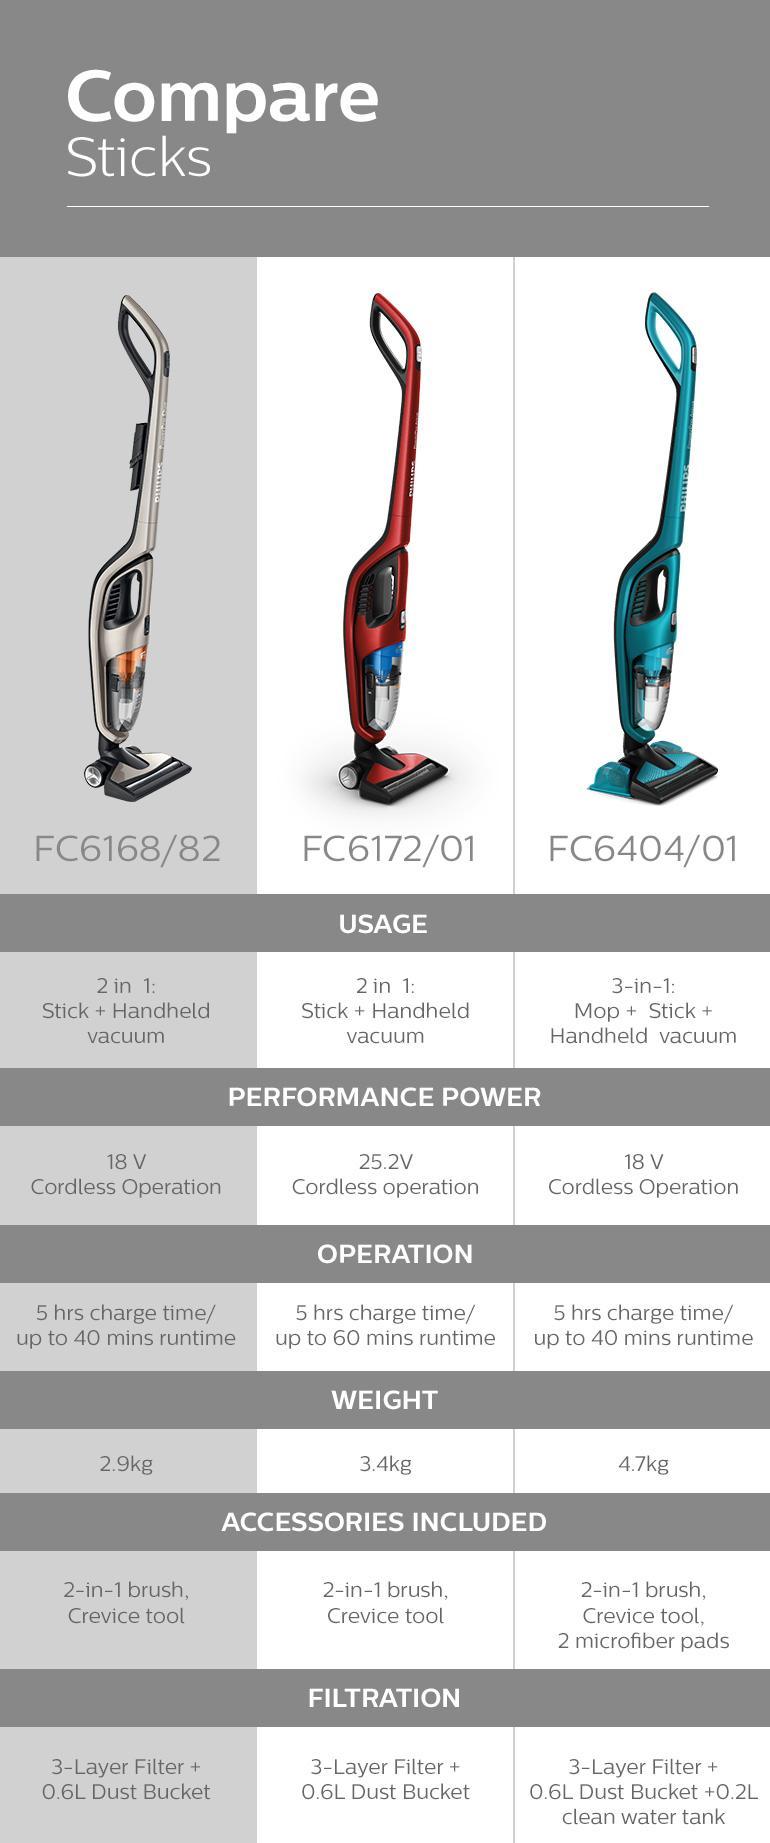 compare_Sticks_SG_V1.jpg